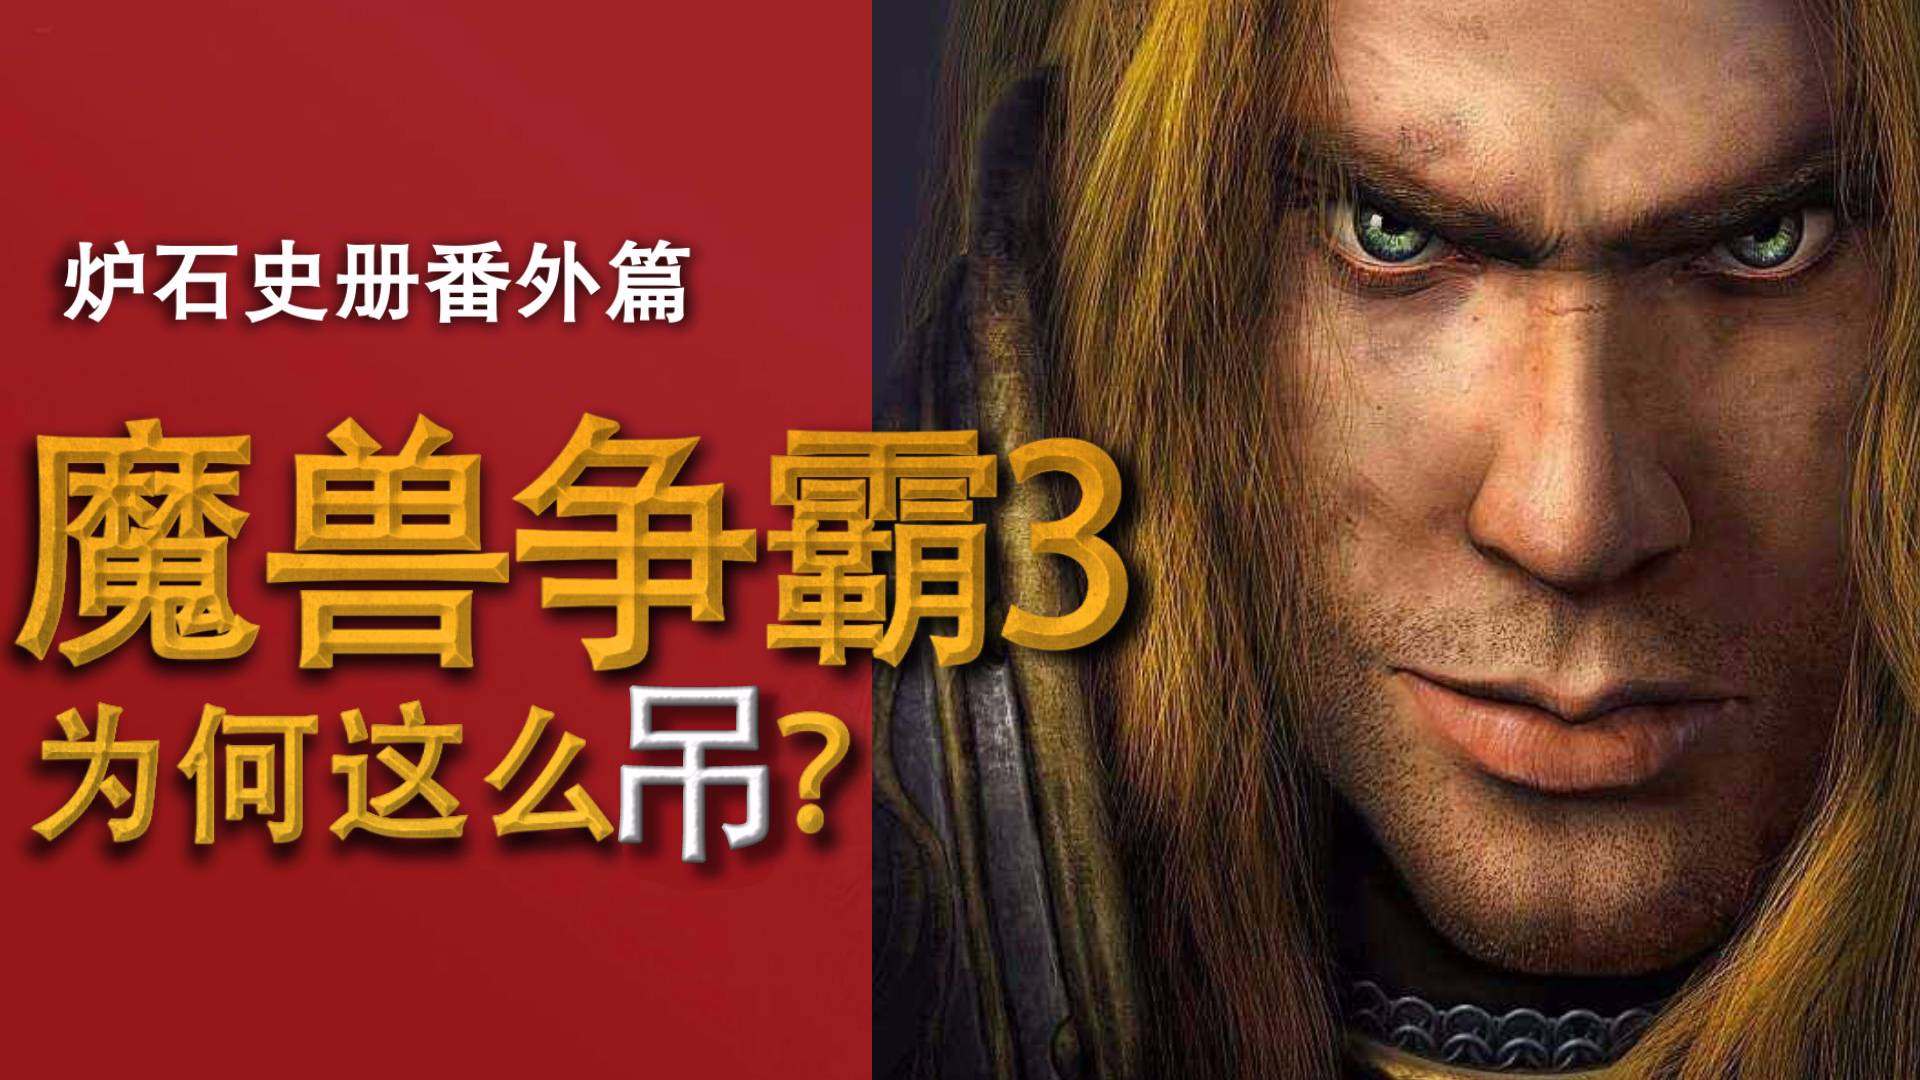 【炉石史册番外】魔兽争霸3的回忆:它为何能成为一个时代?